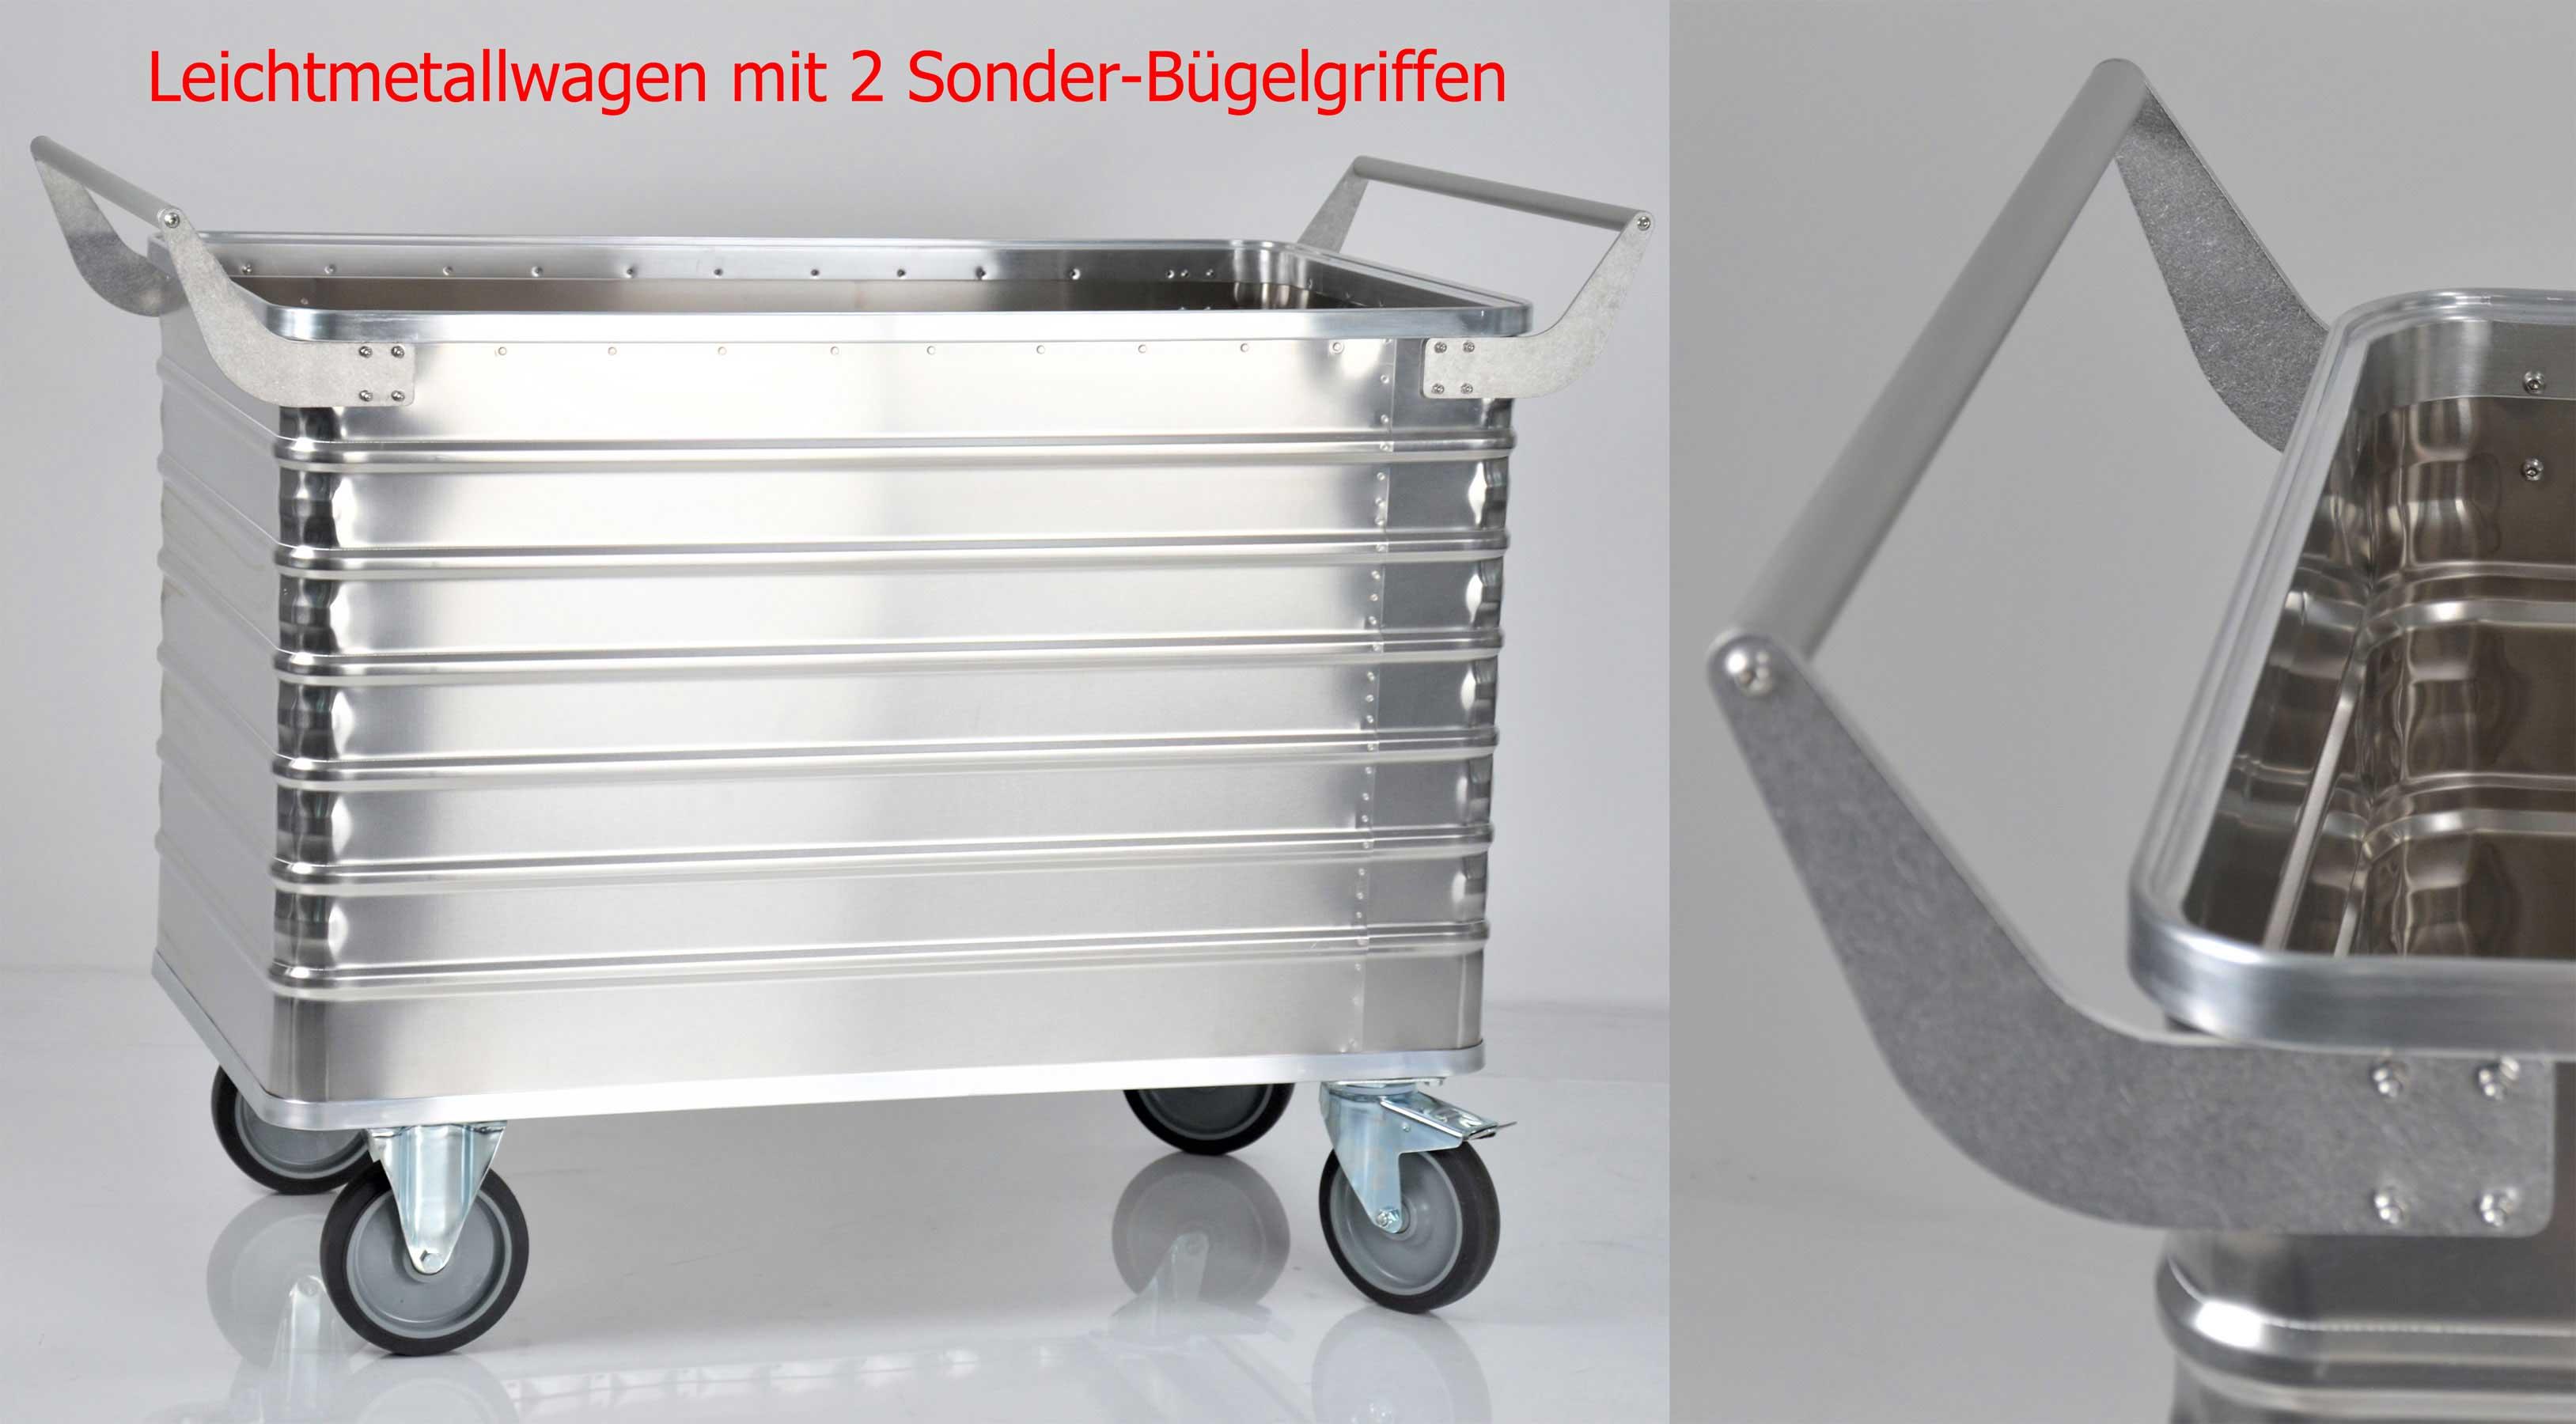 Leichmetall-Transportwagen mit 656 Liter Fassungsvermögen (250kg) und 2 runden Schiebegriffen für den Einsatz im Krankenhaus